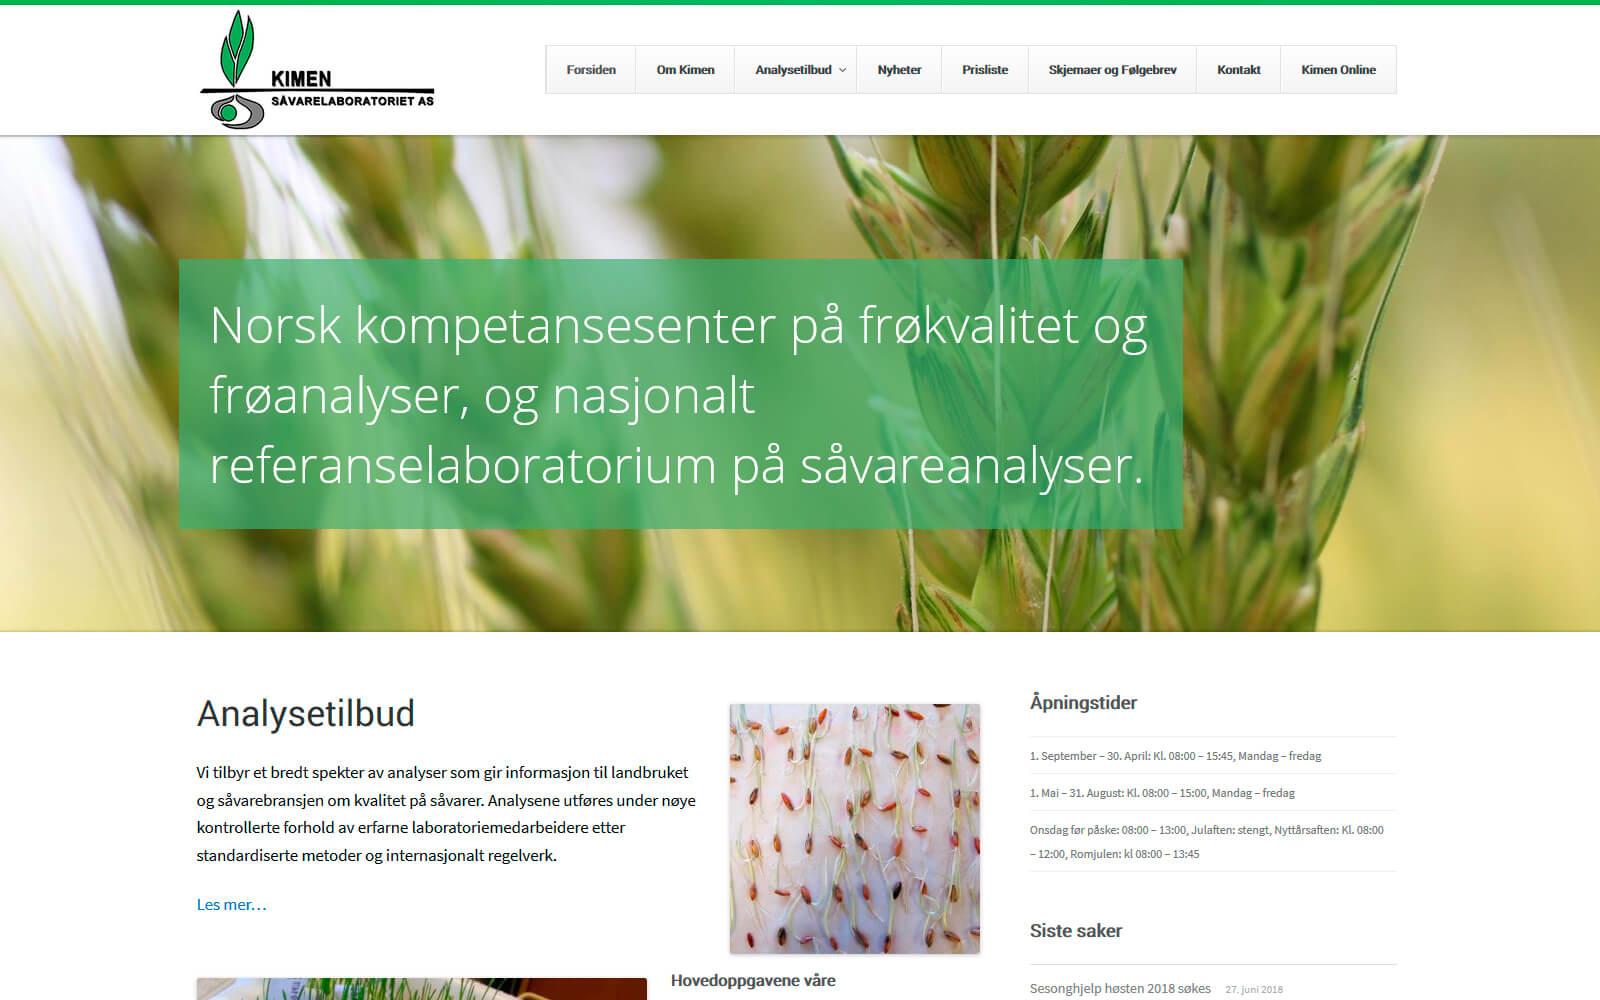 Kimen webside